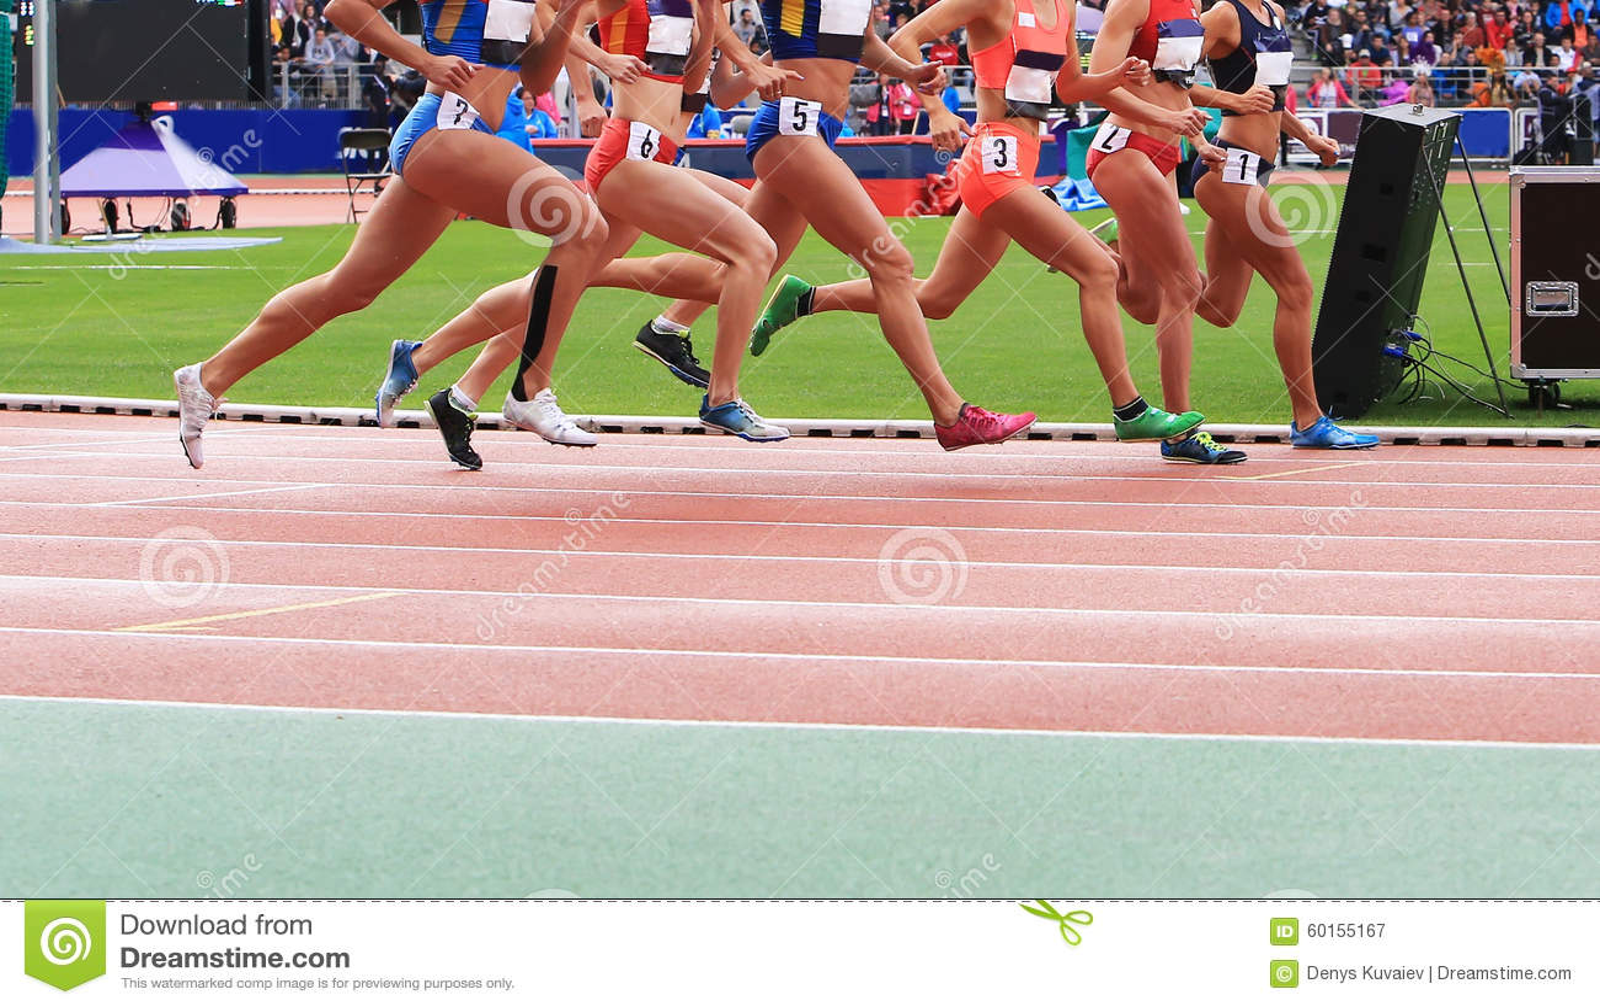 Athleten konkurrieren im Rennen